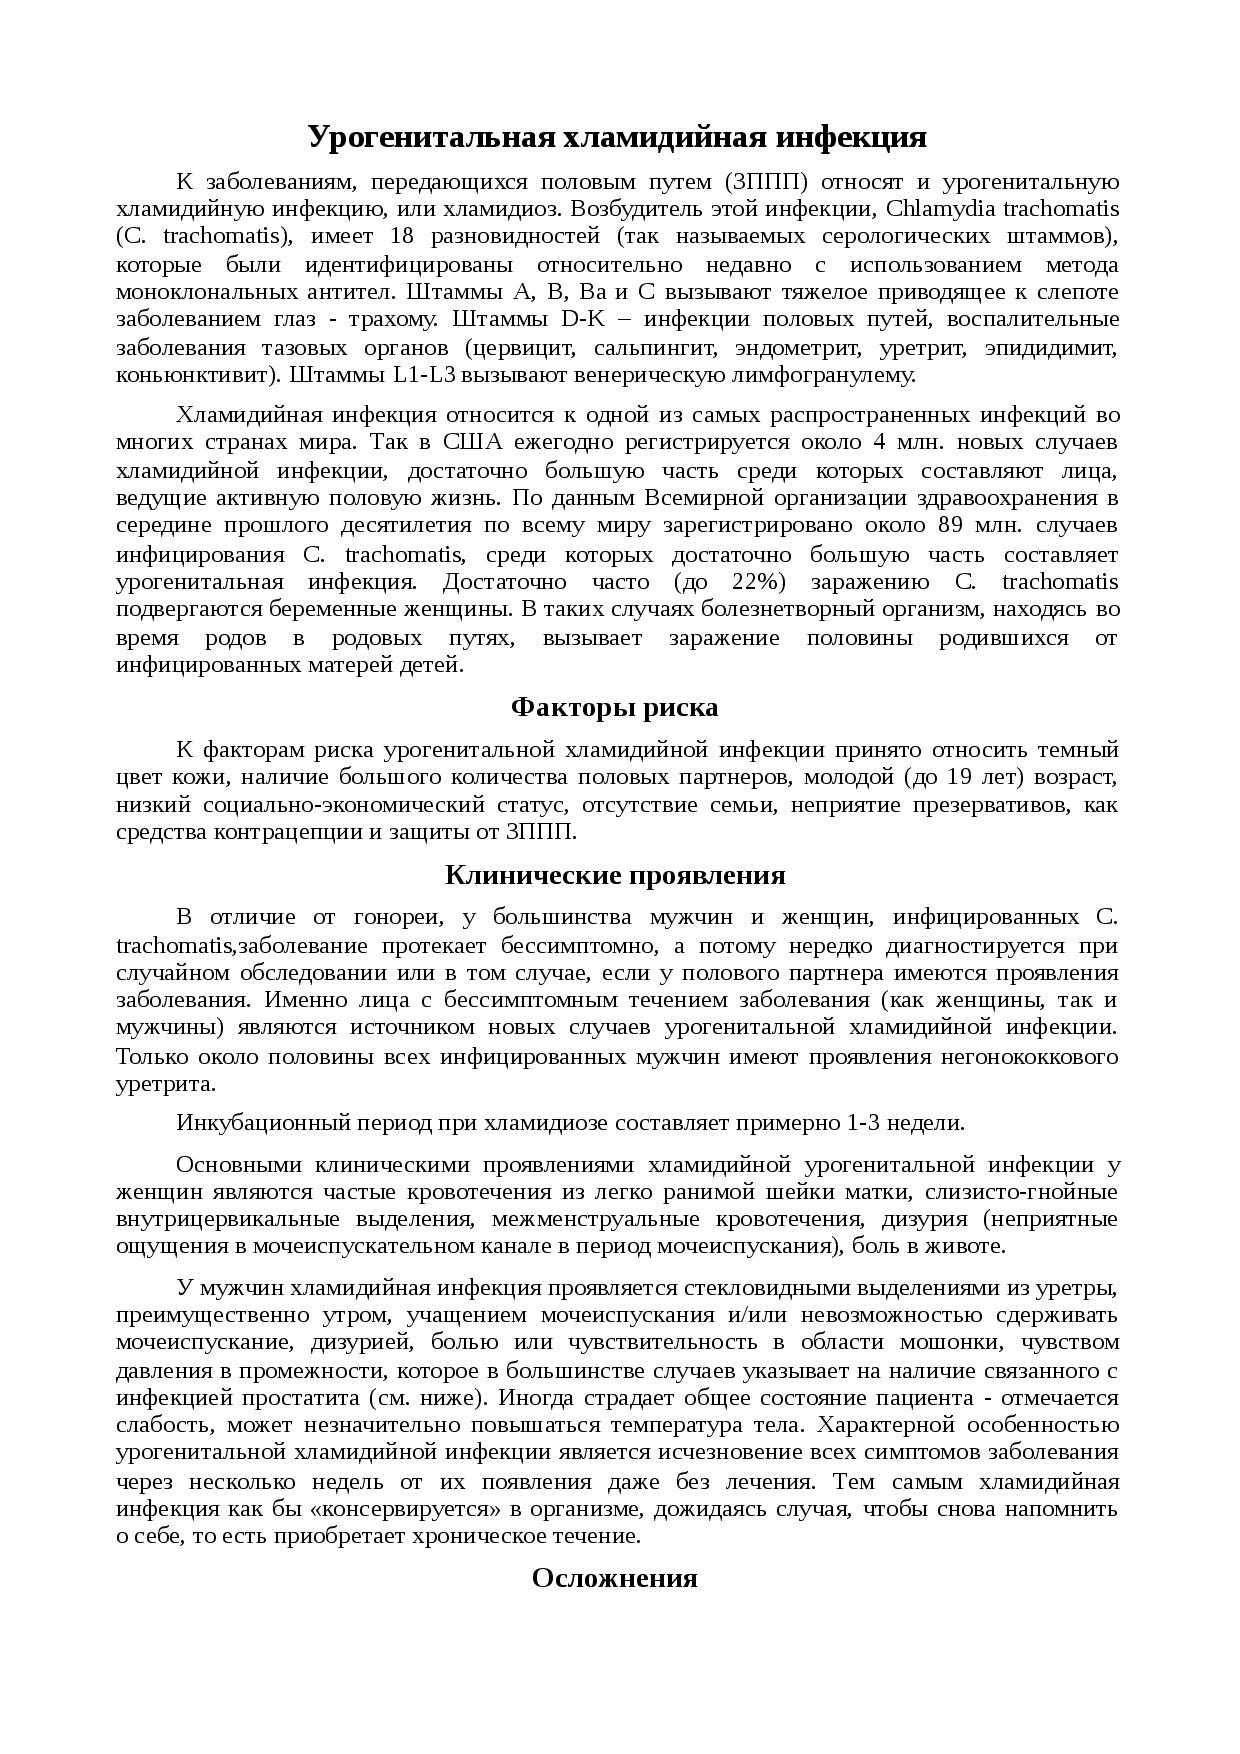 Заболевания передающиеся половым путем